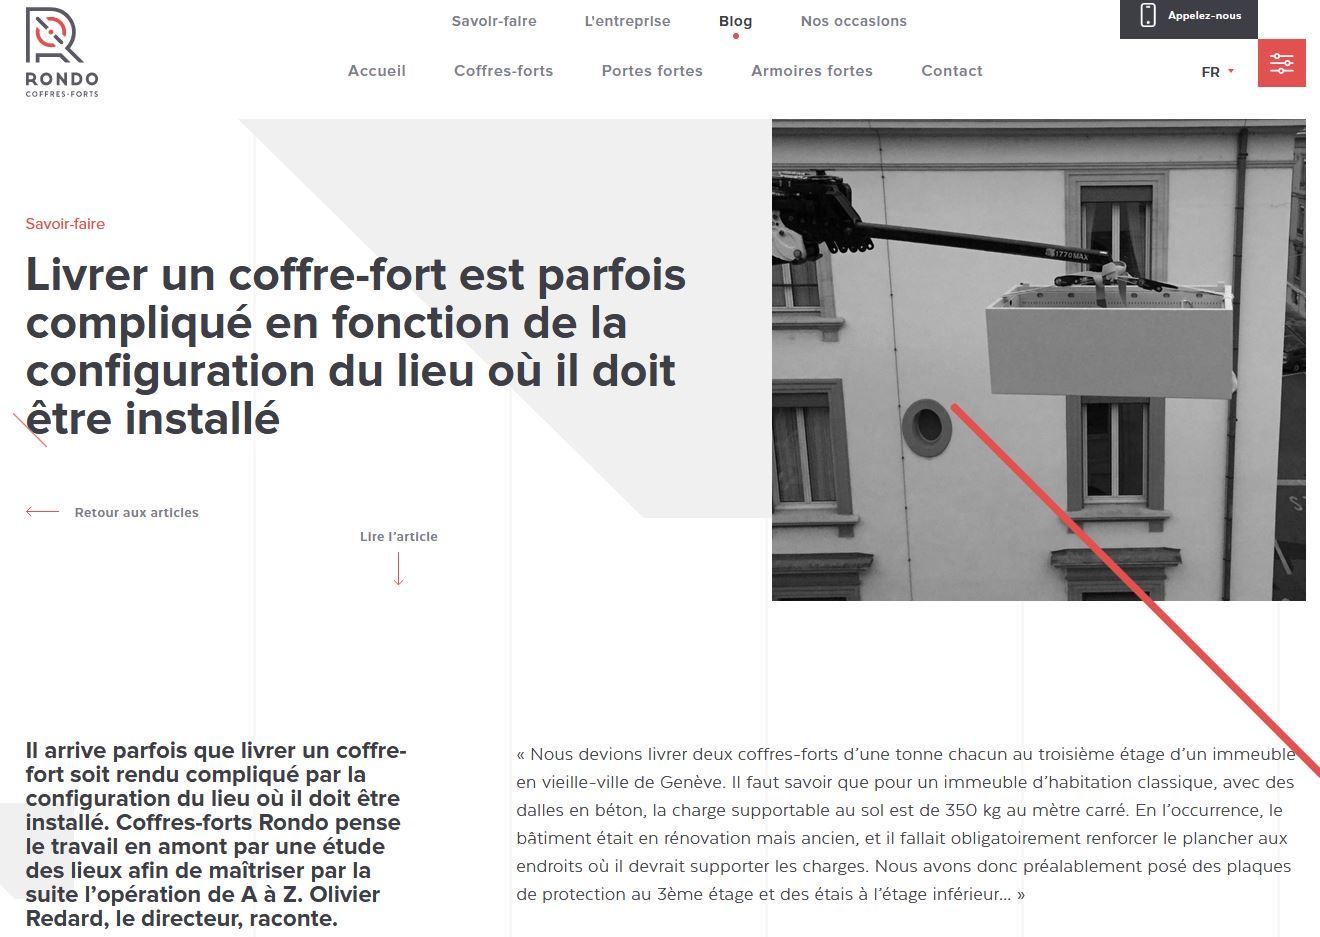 Services - Coffres-forts Rondo - Blog - Post Livraison